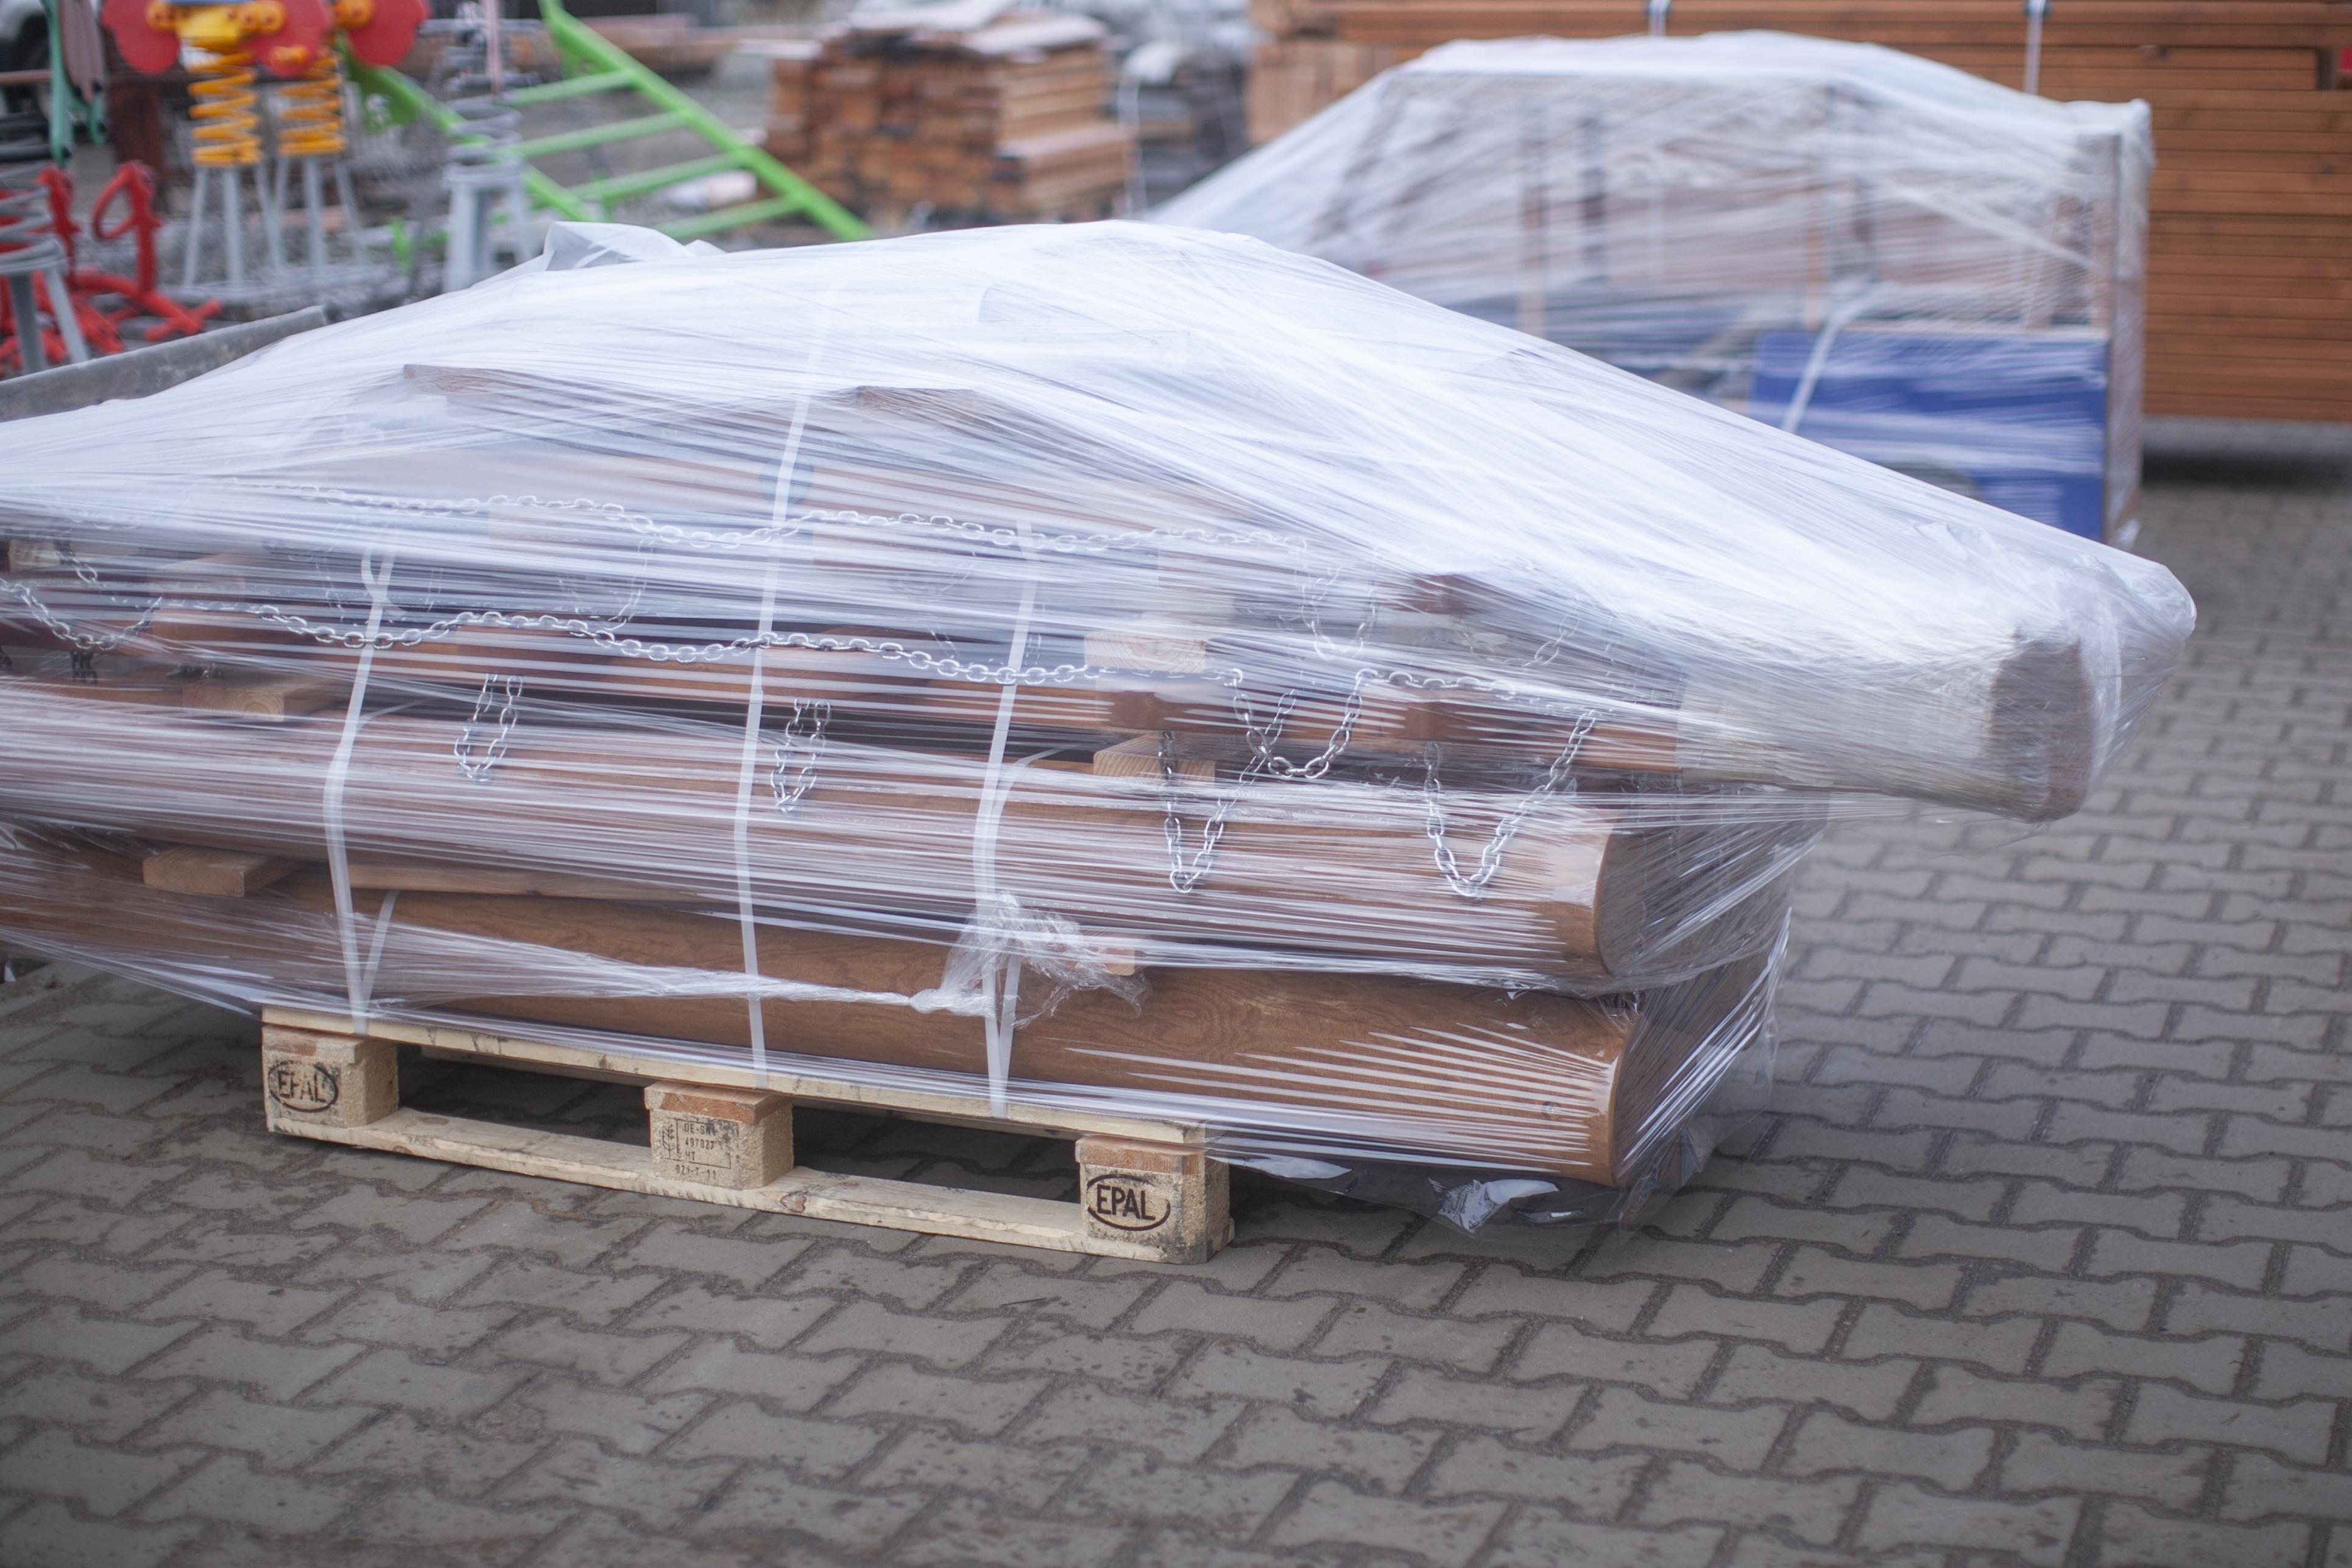 Eco Packaging in Lars Laj